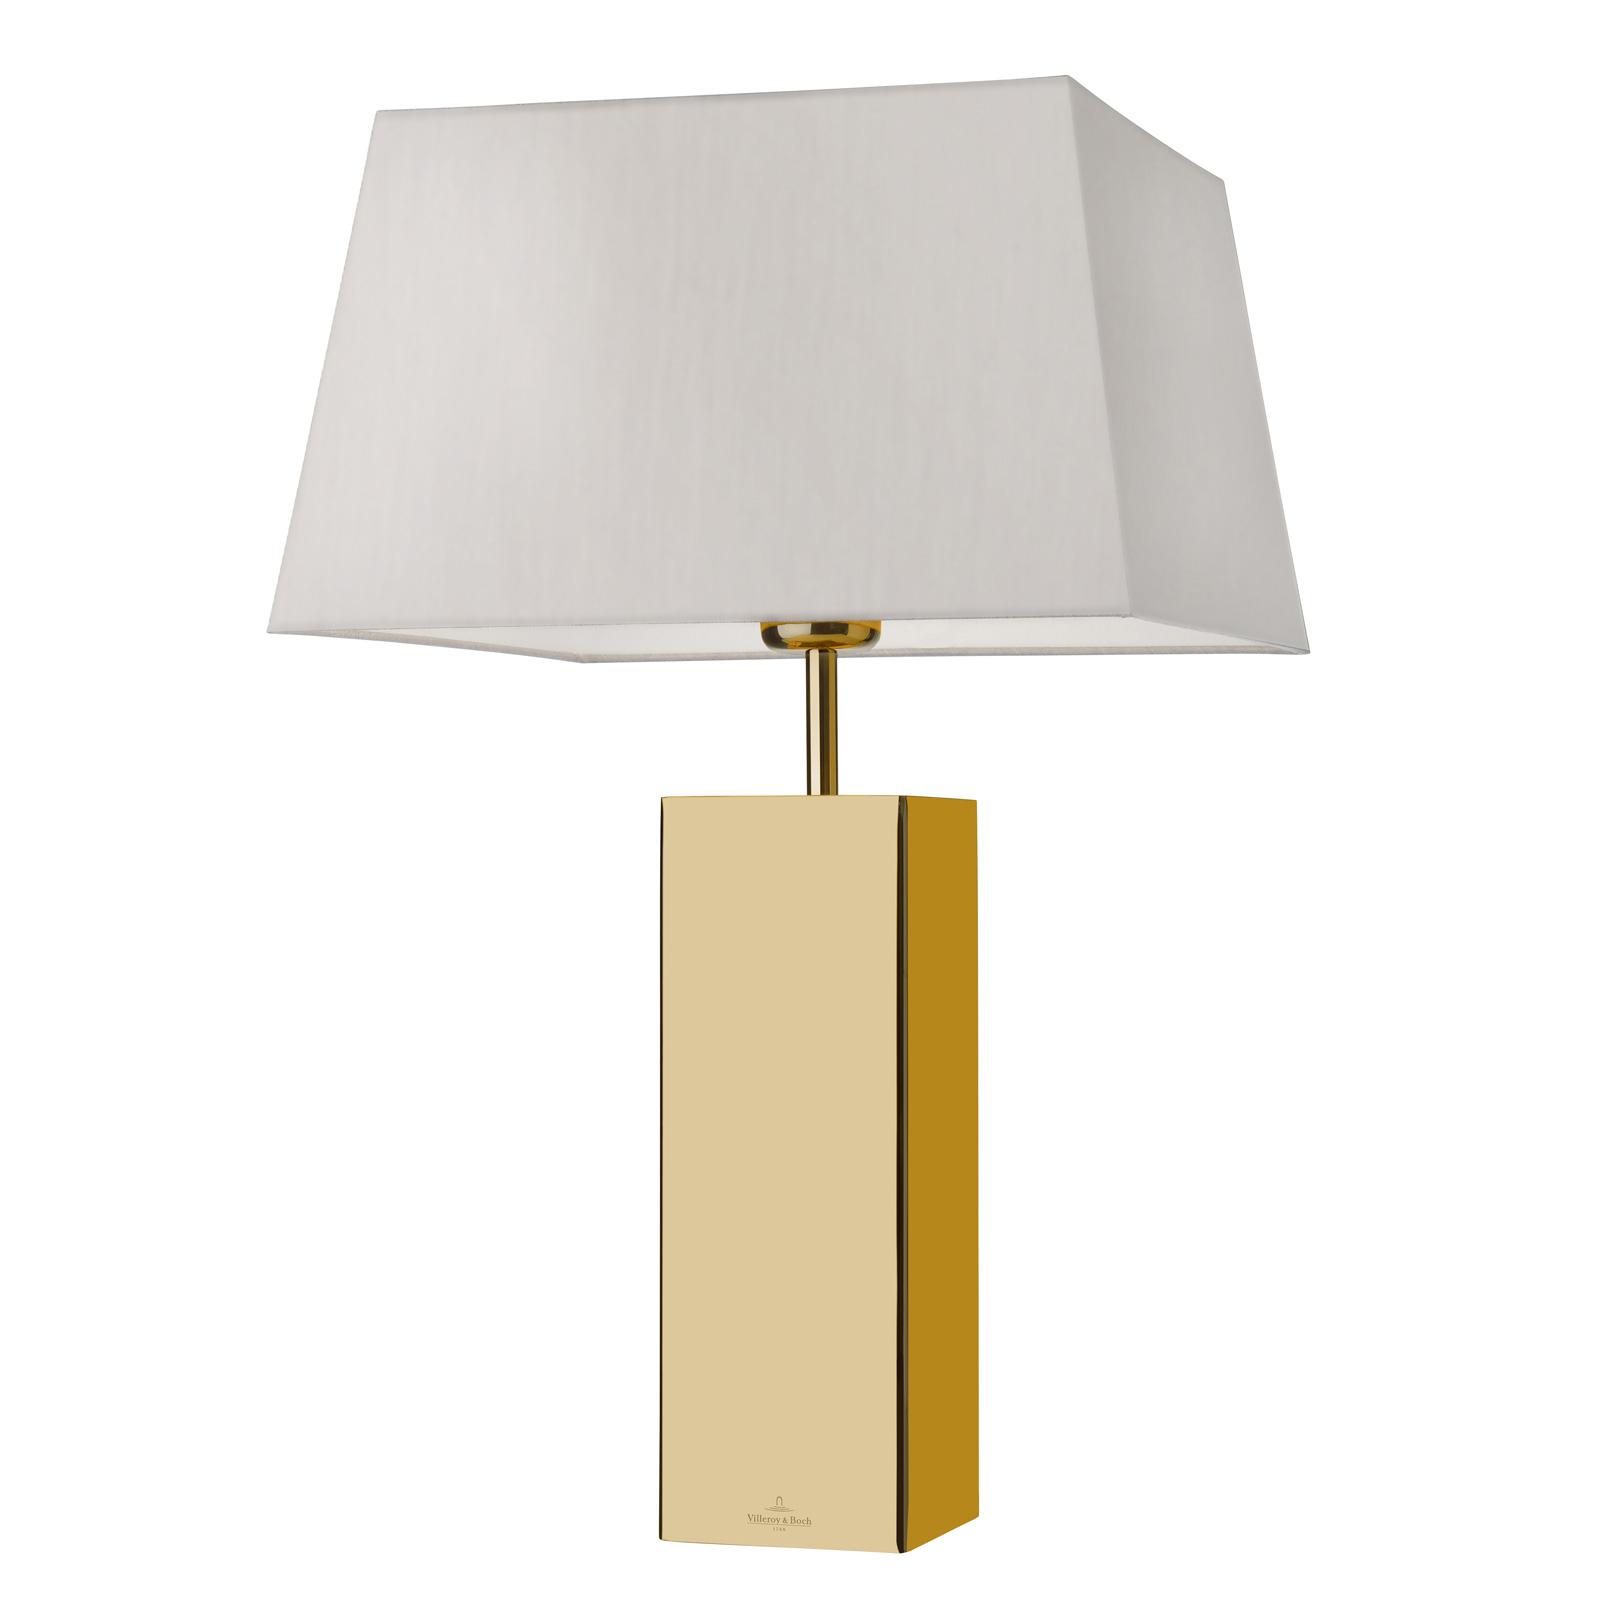 Villeroy & Boch Praha pöytälamppu, kultaväri